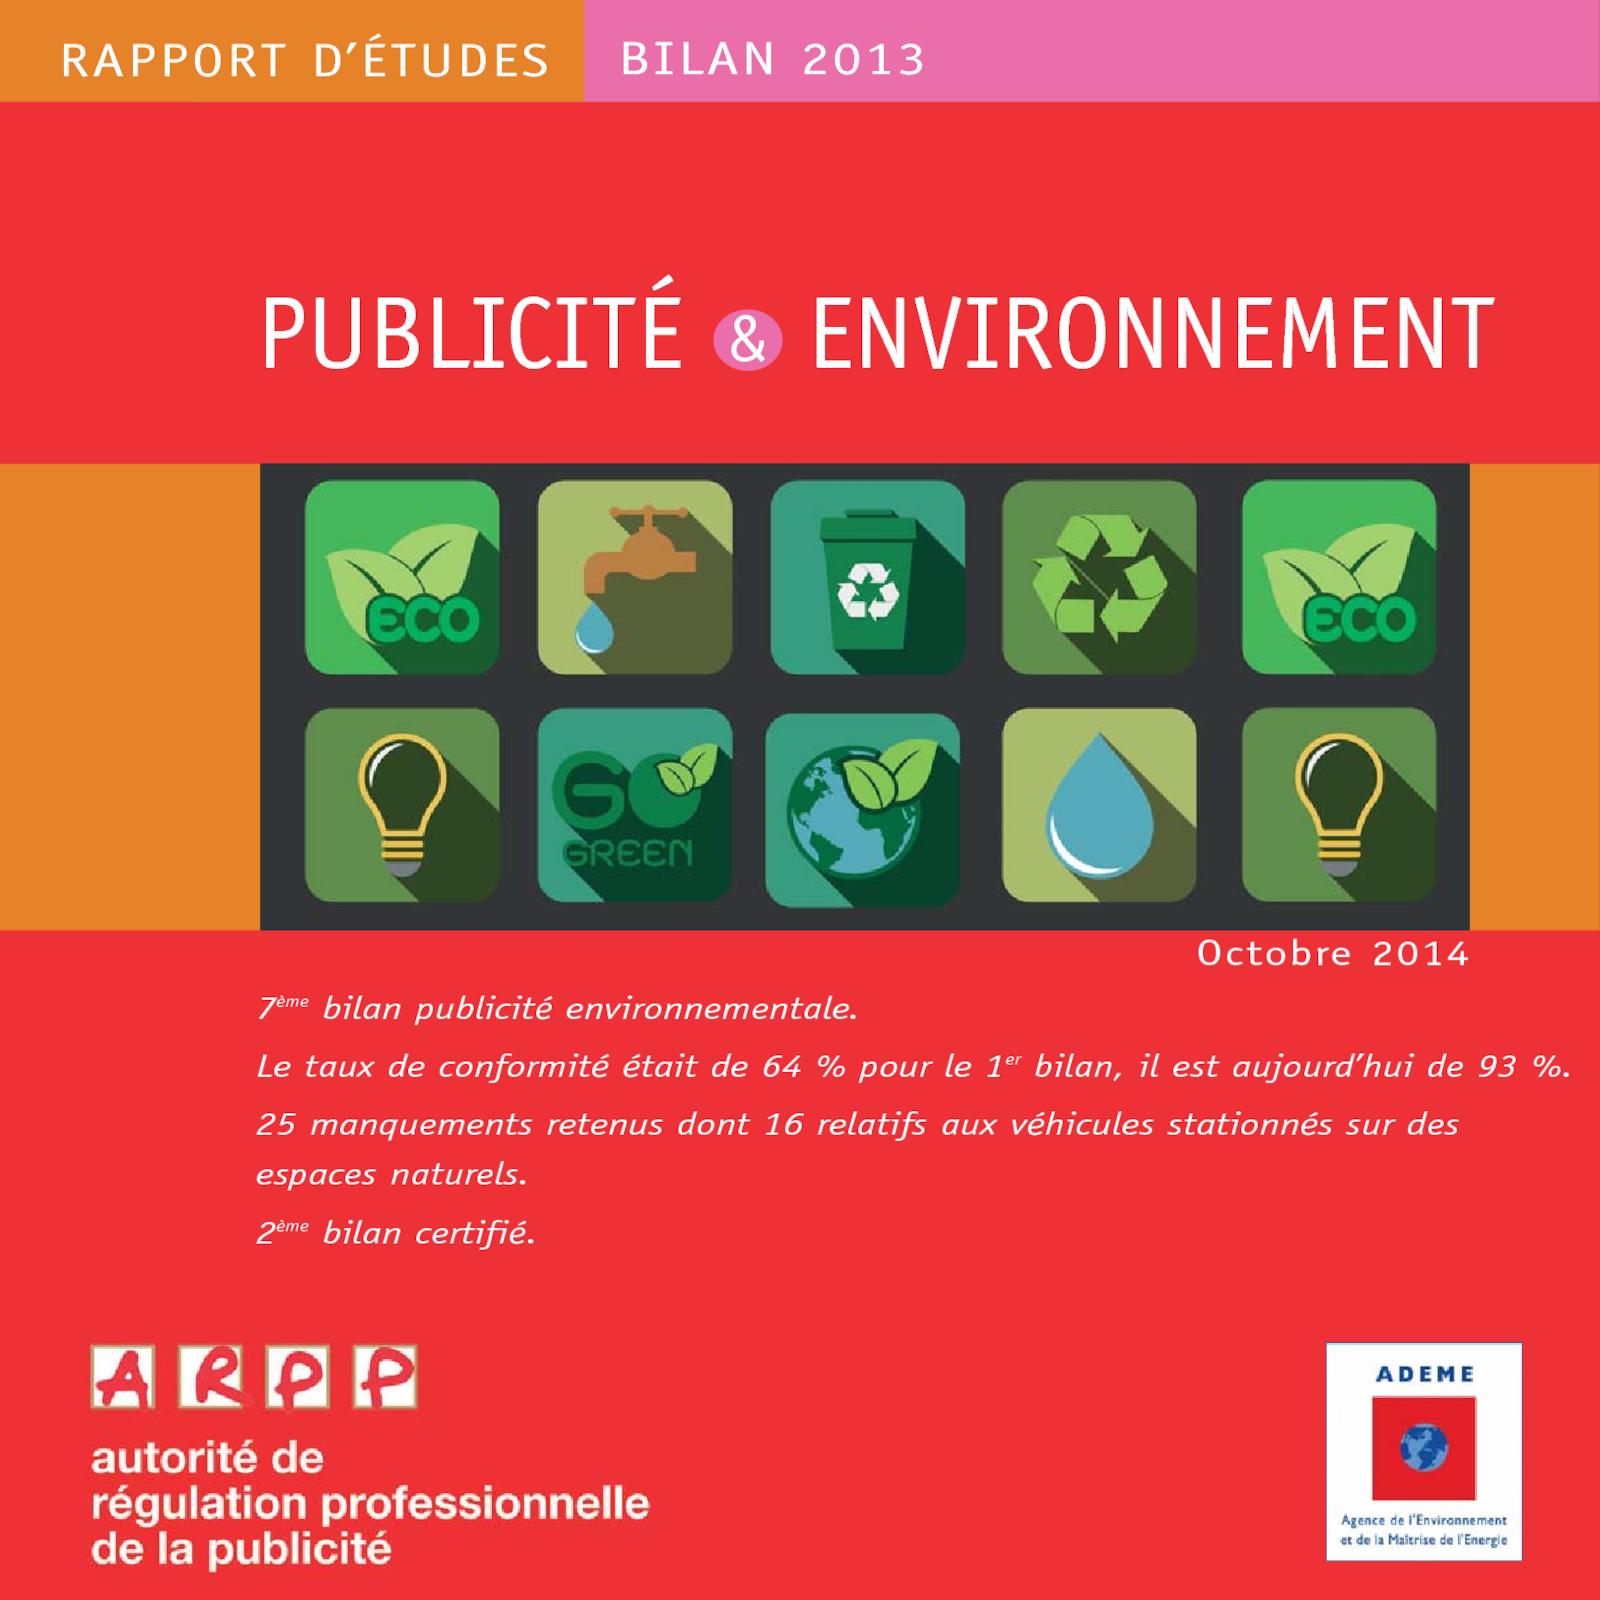 Bilan Publicité et Environnement 2013